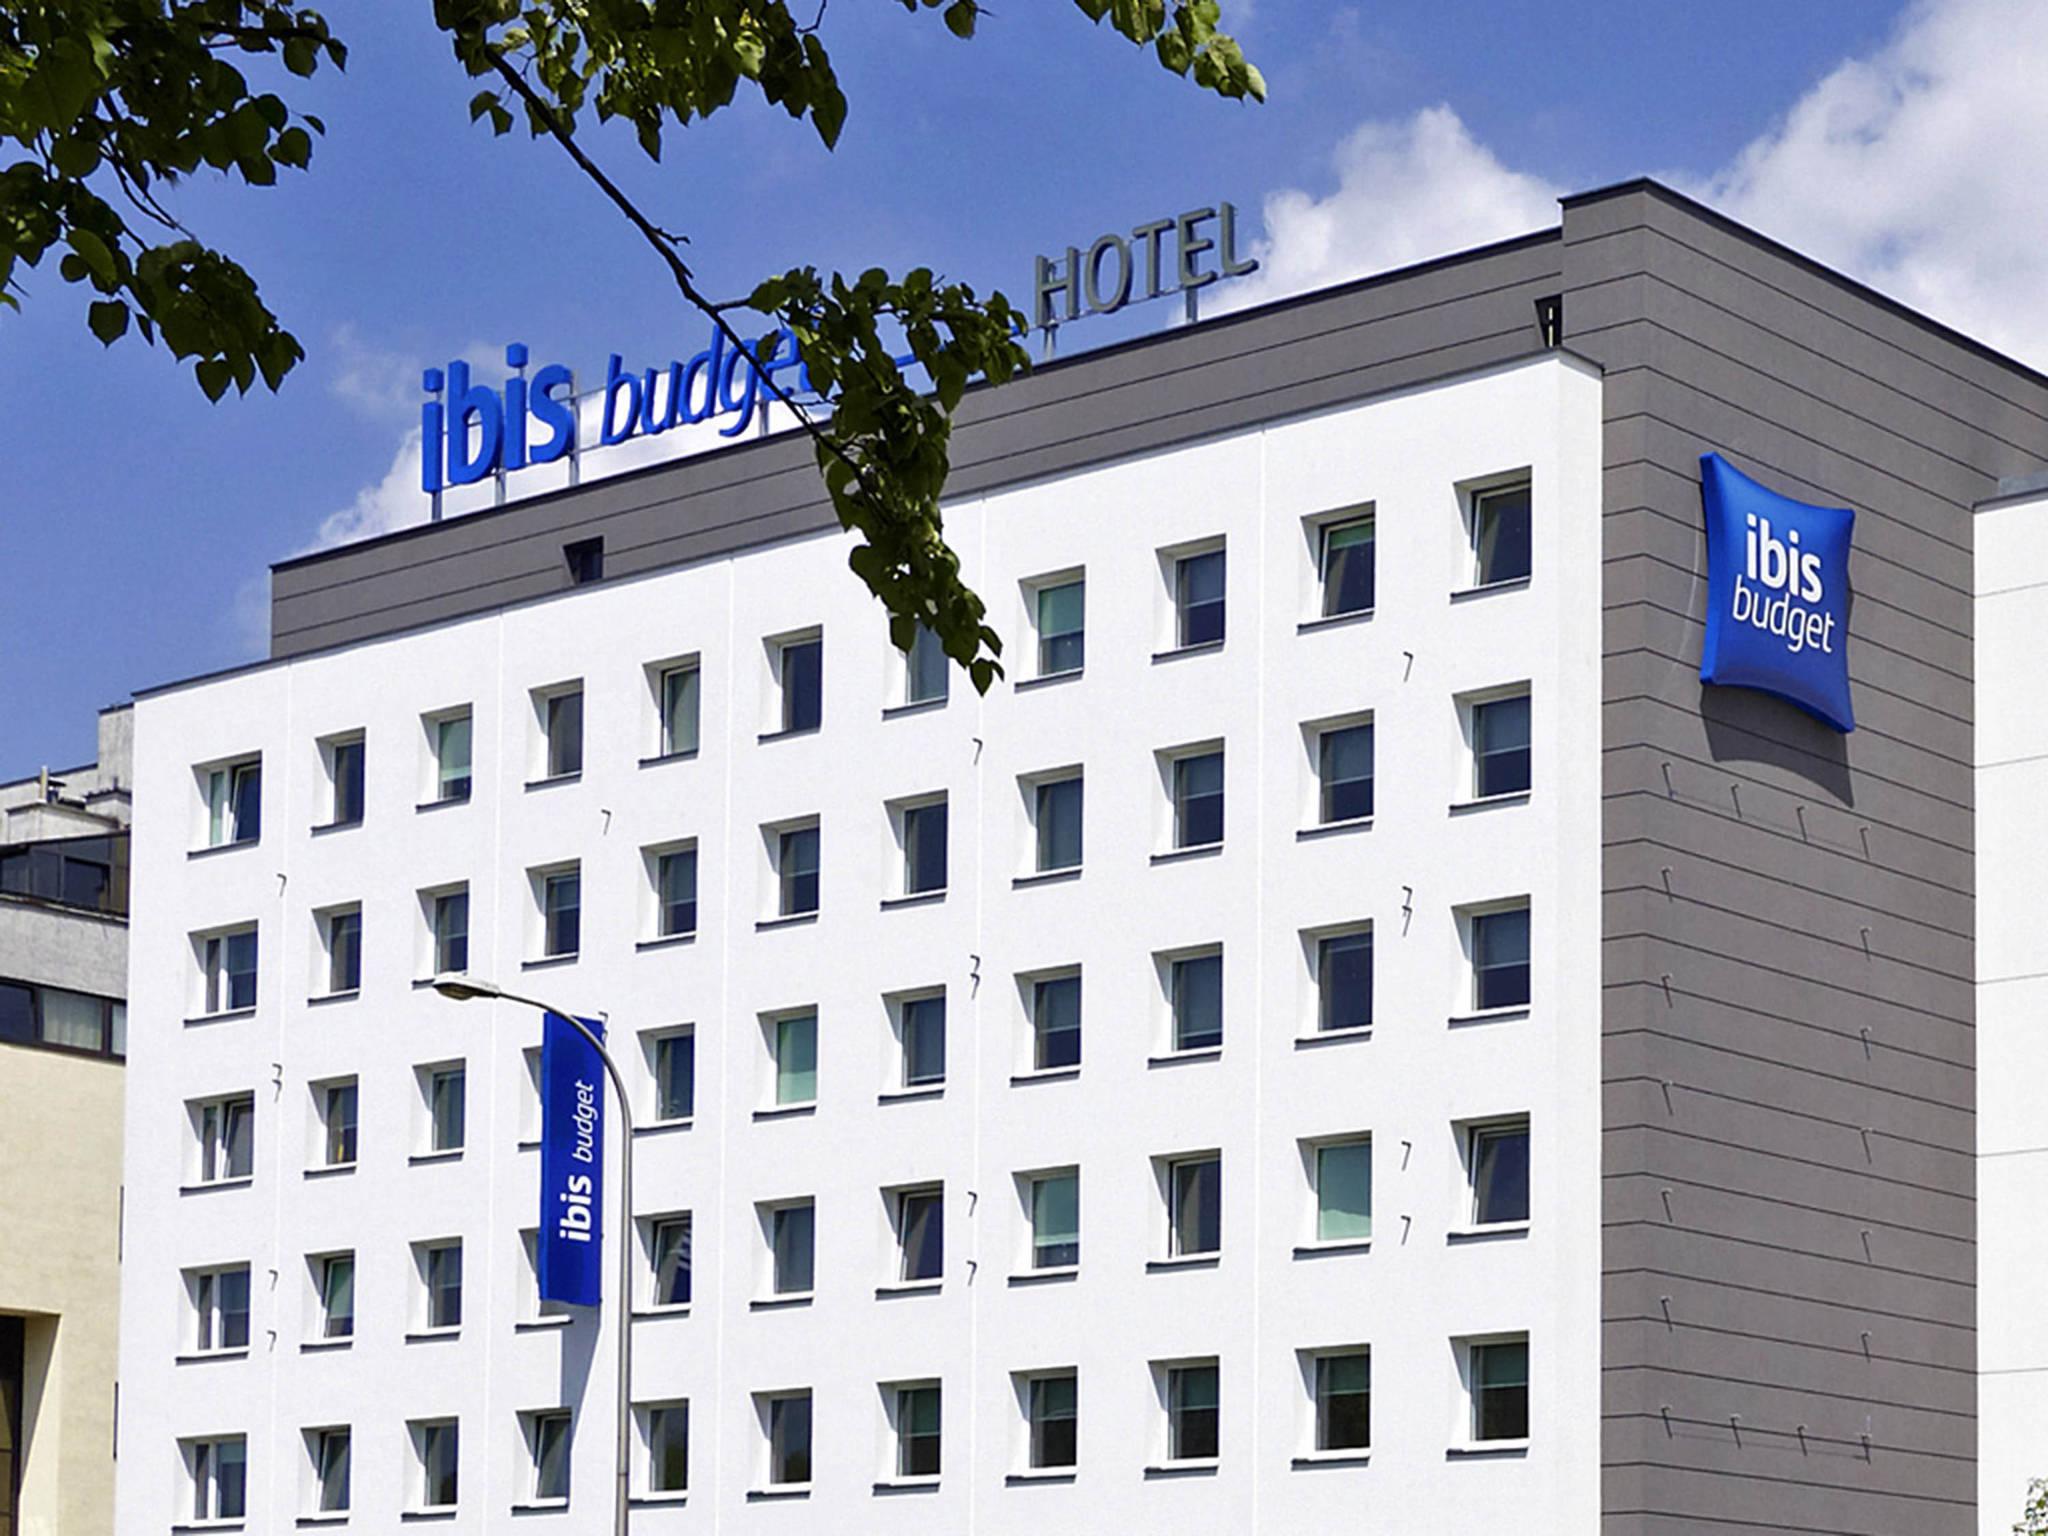 ホテル – イビスバジェットワルシャワレドゥタ